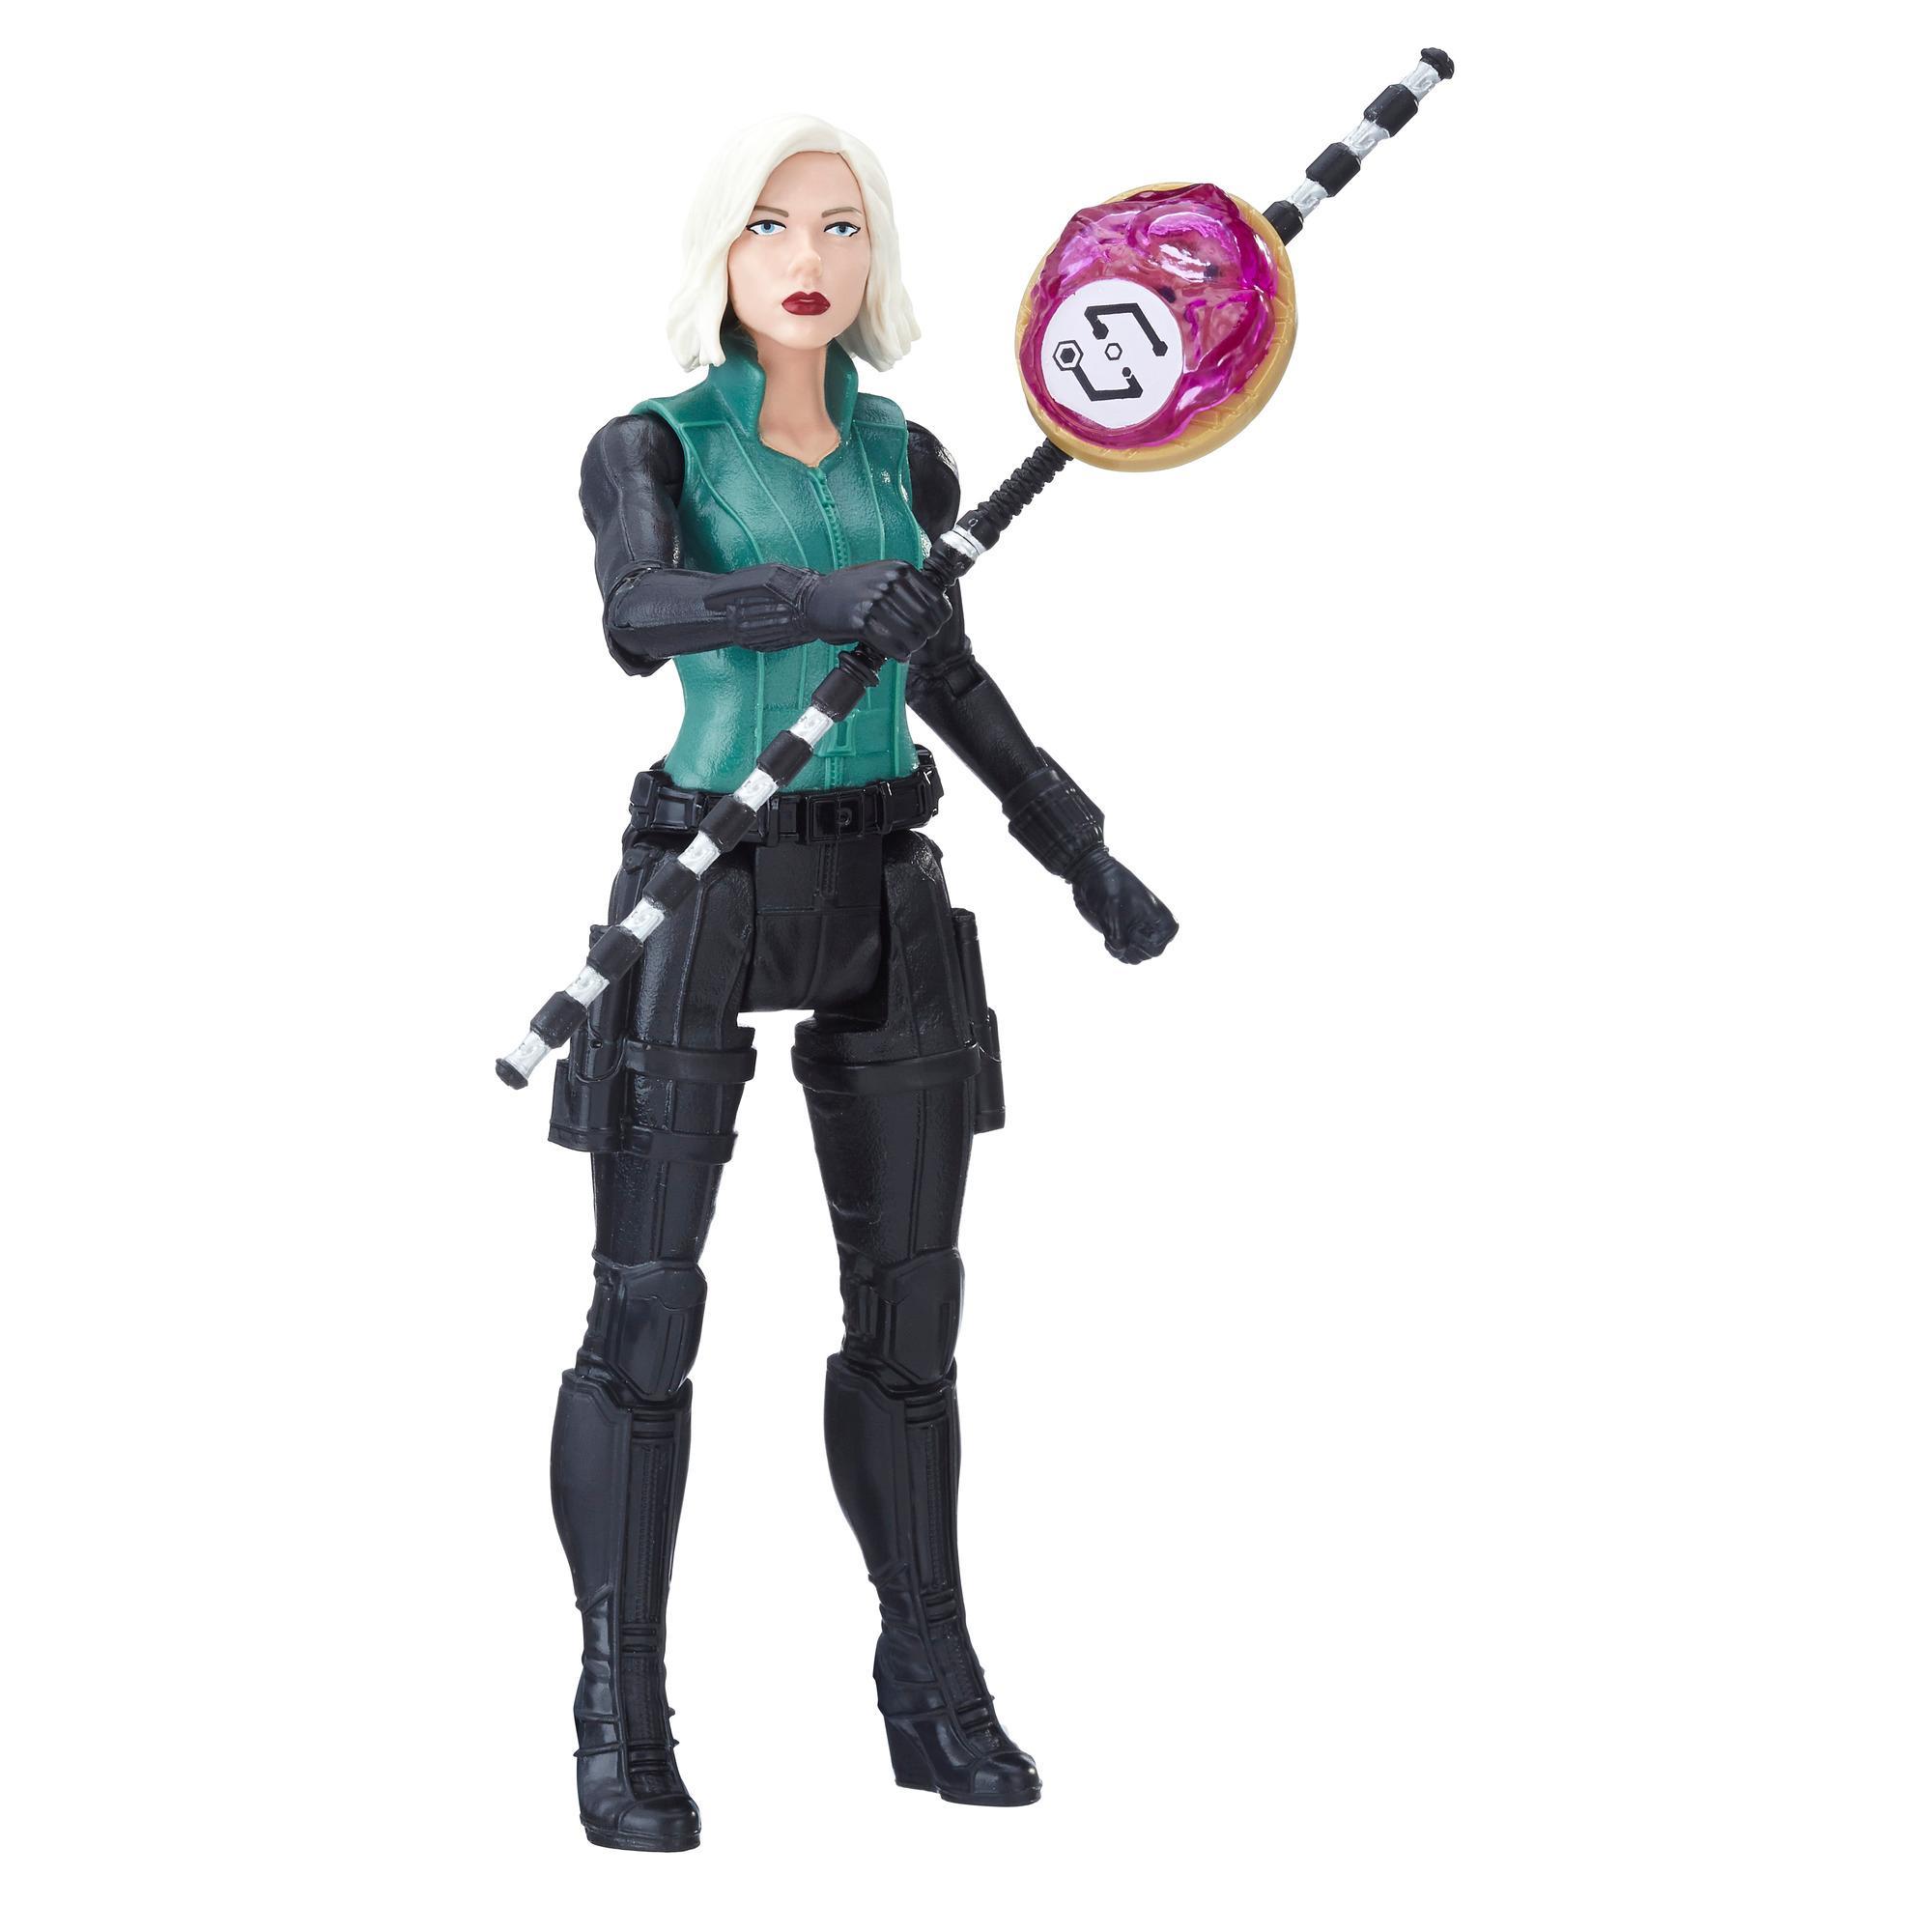 Marvel Avengers: Guerra del Infinito -  Black Widow con Gema del Infinito